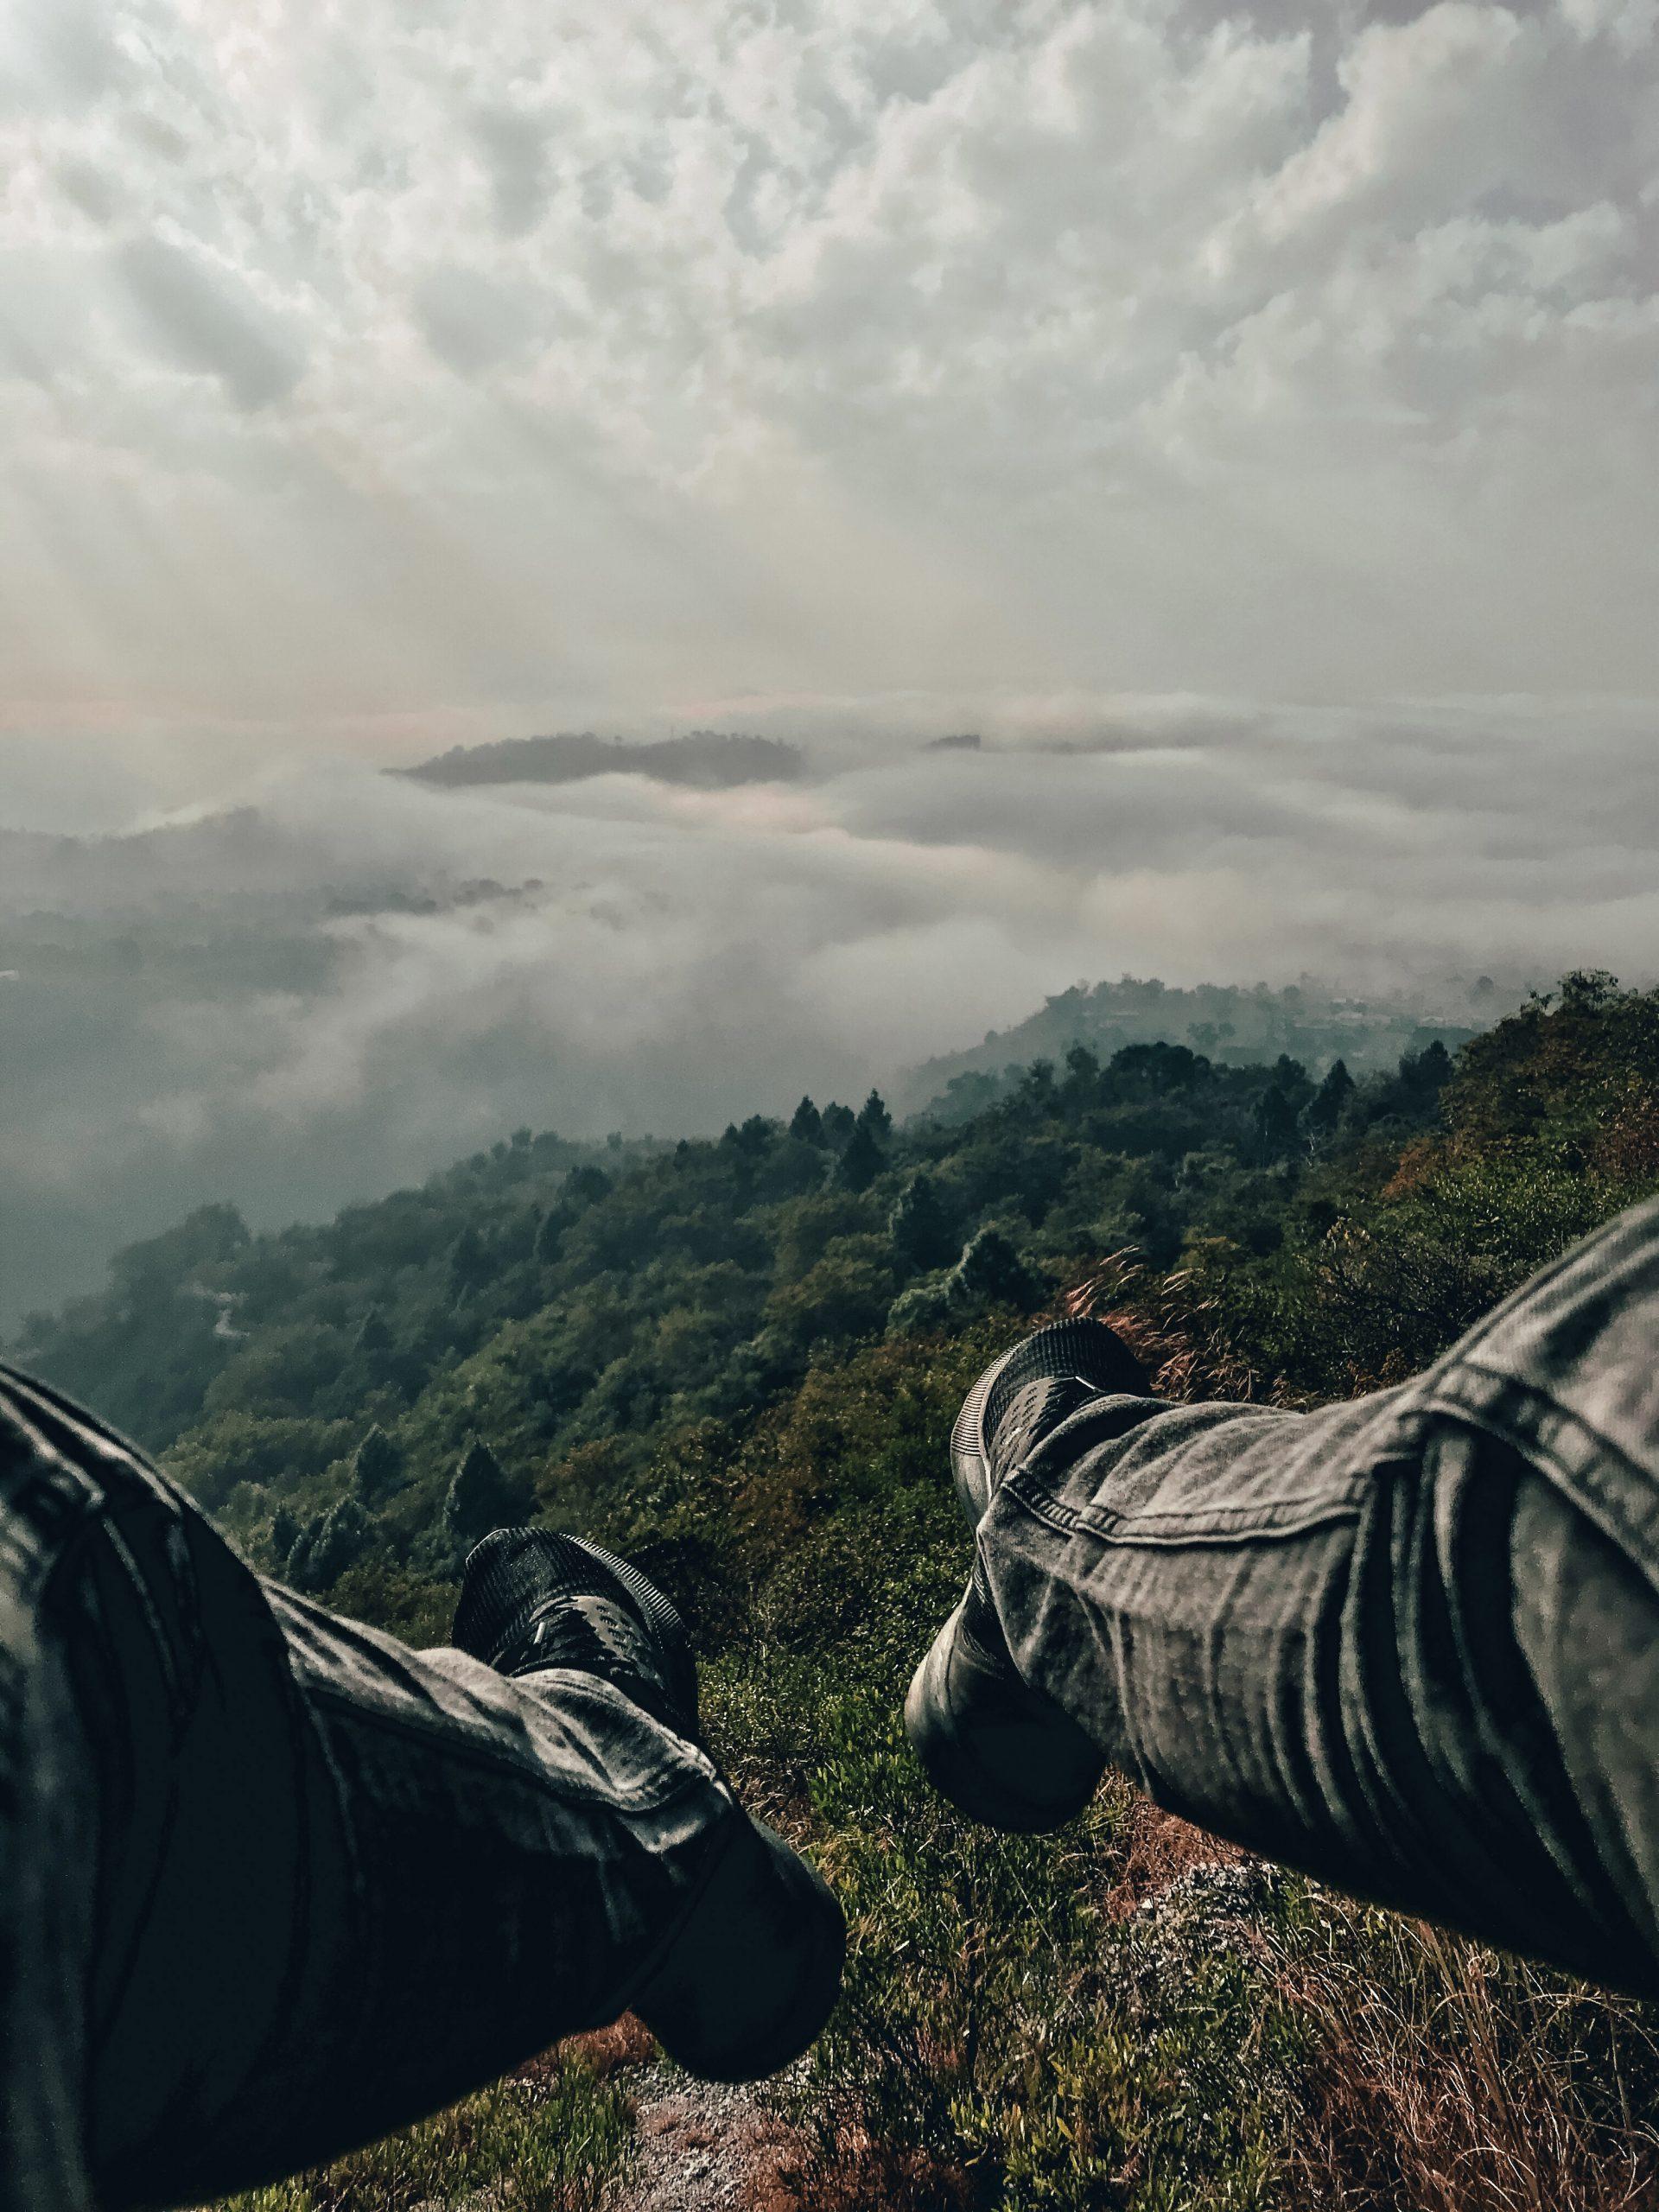 Man on the edge of mountain